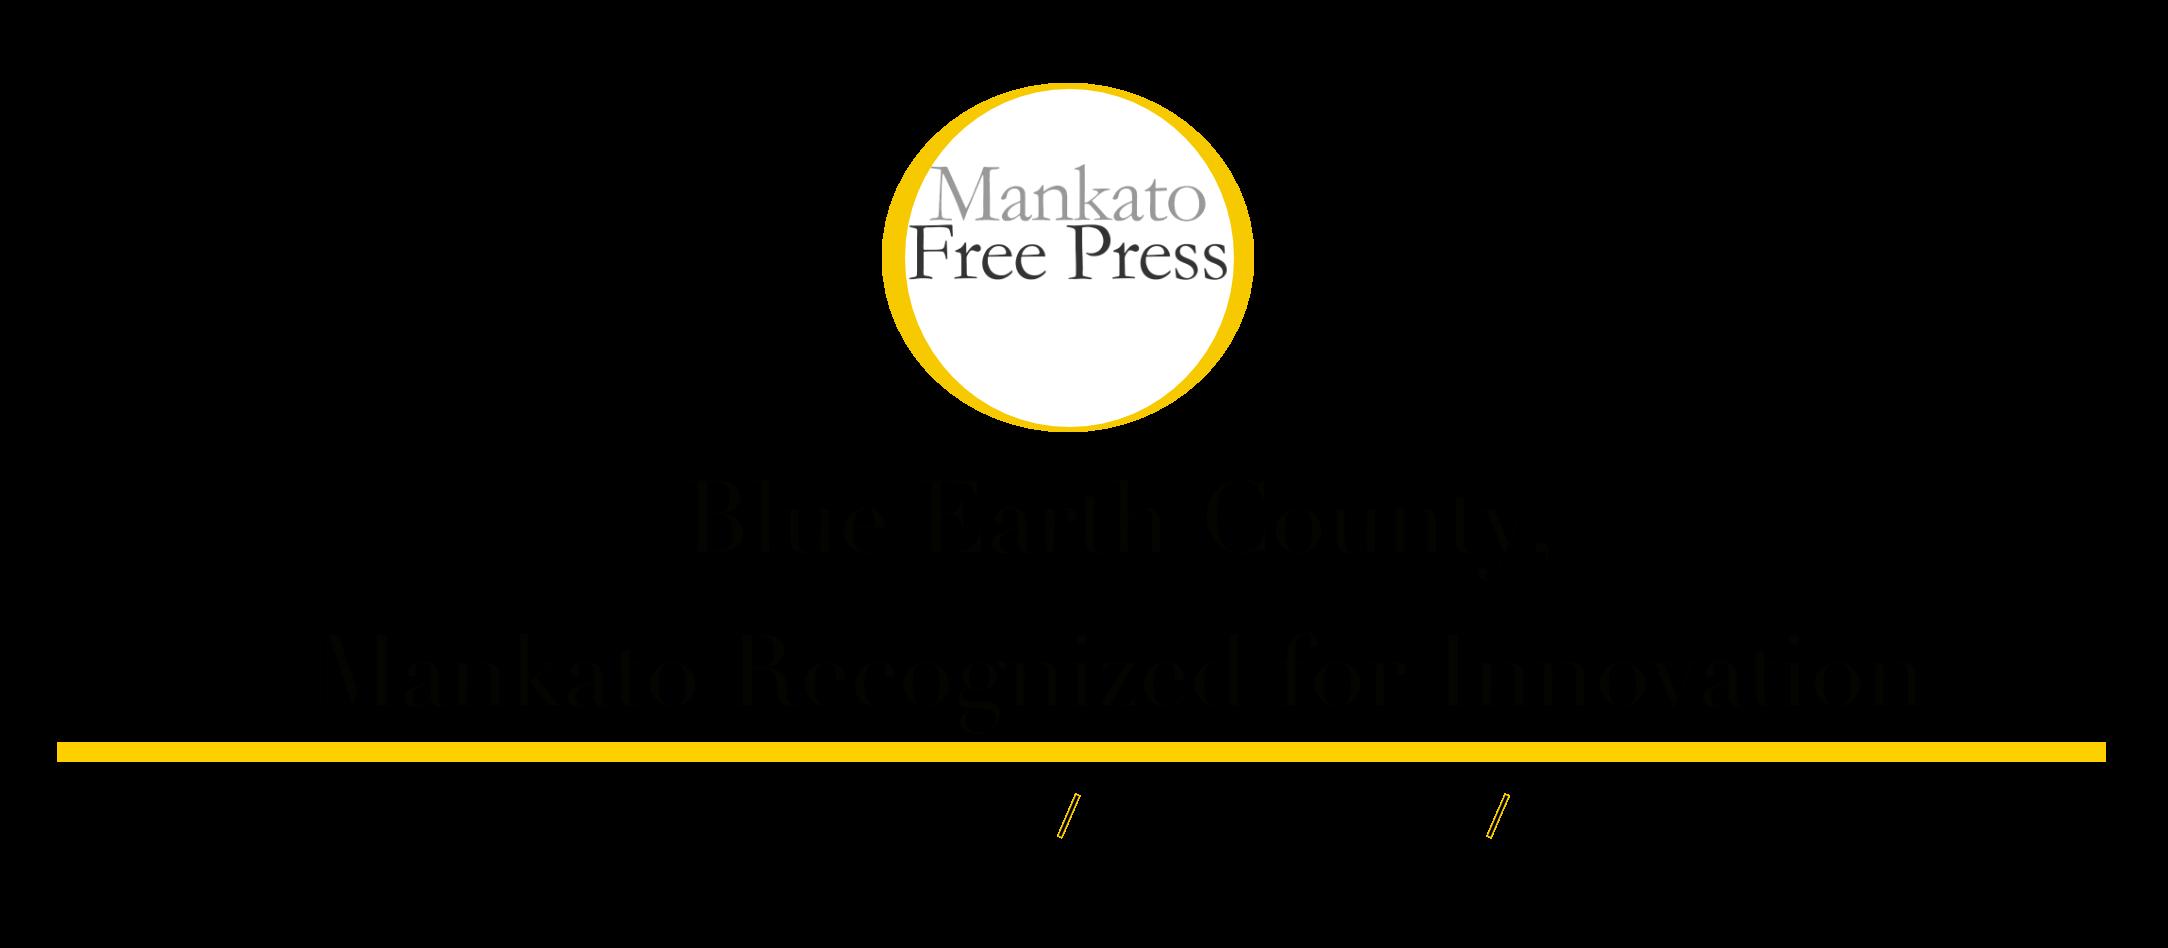 Free Press Nov 15 .png